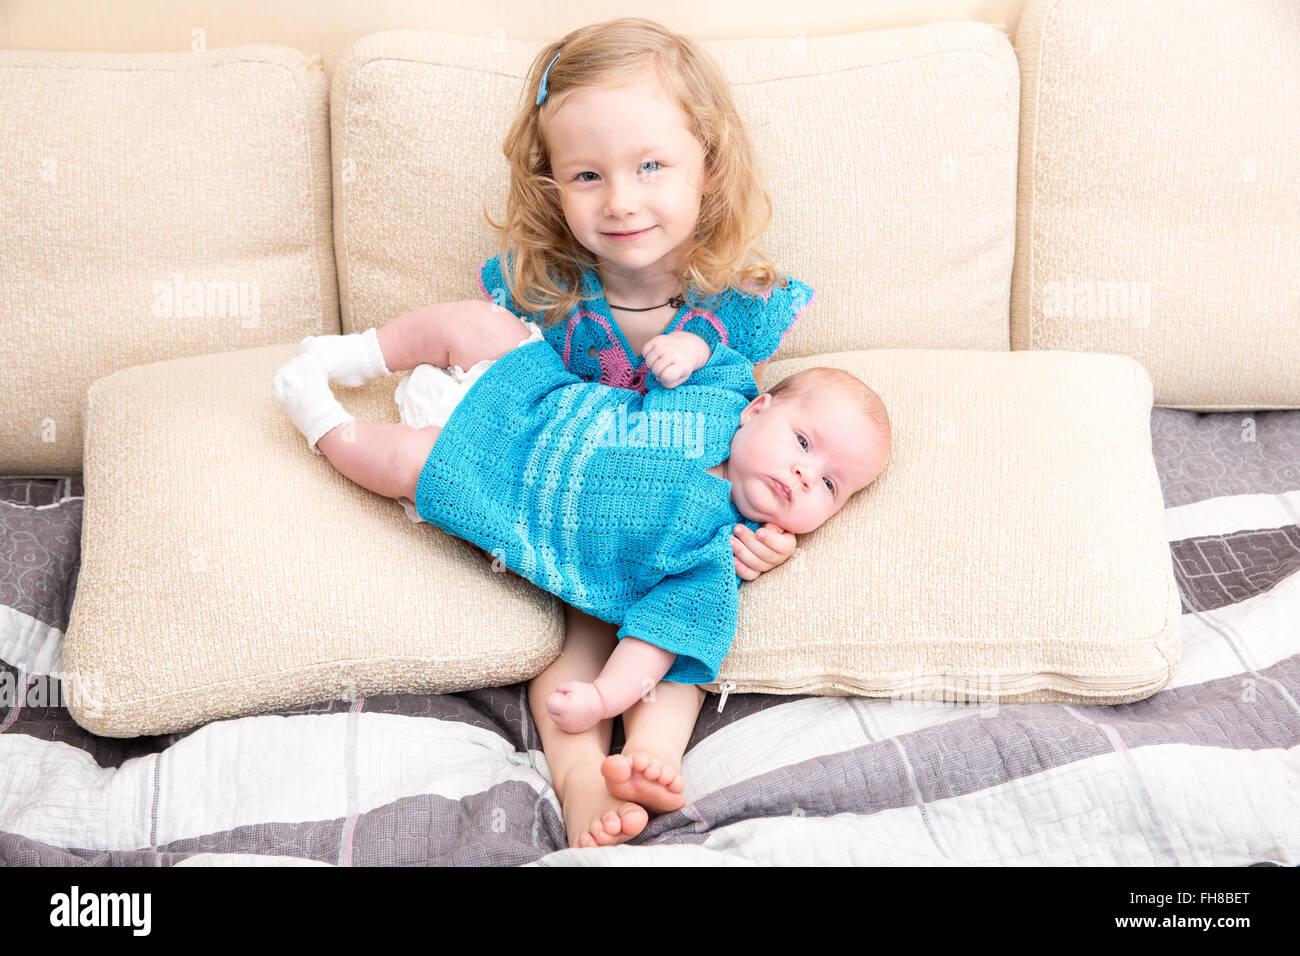 03ab966e66714 Zwei Schwestern. Ältere Schwester Kind umarmt sein neugeborenes  Schwesterchen. Süße Kinder Mädchen auf Bett zu Hause.